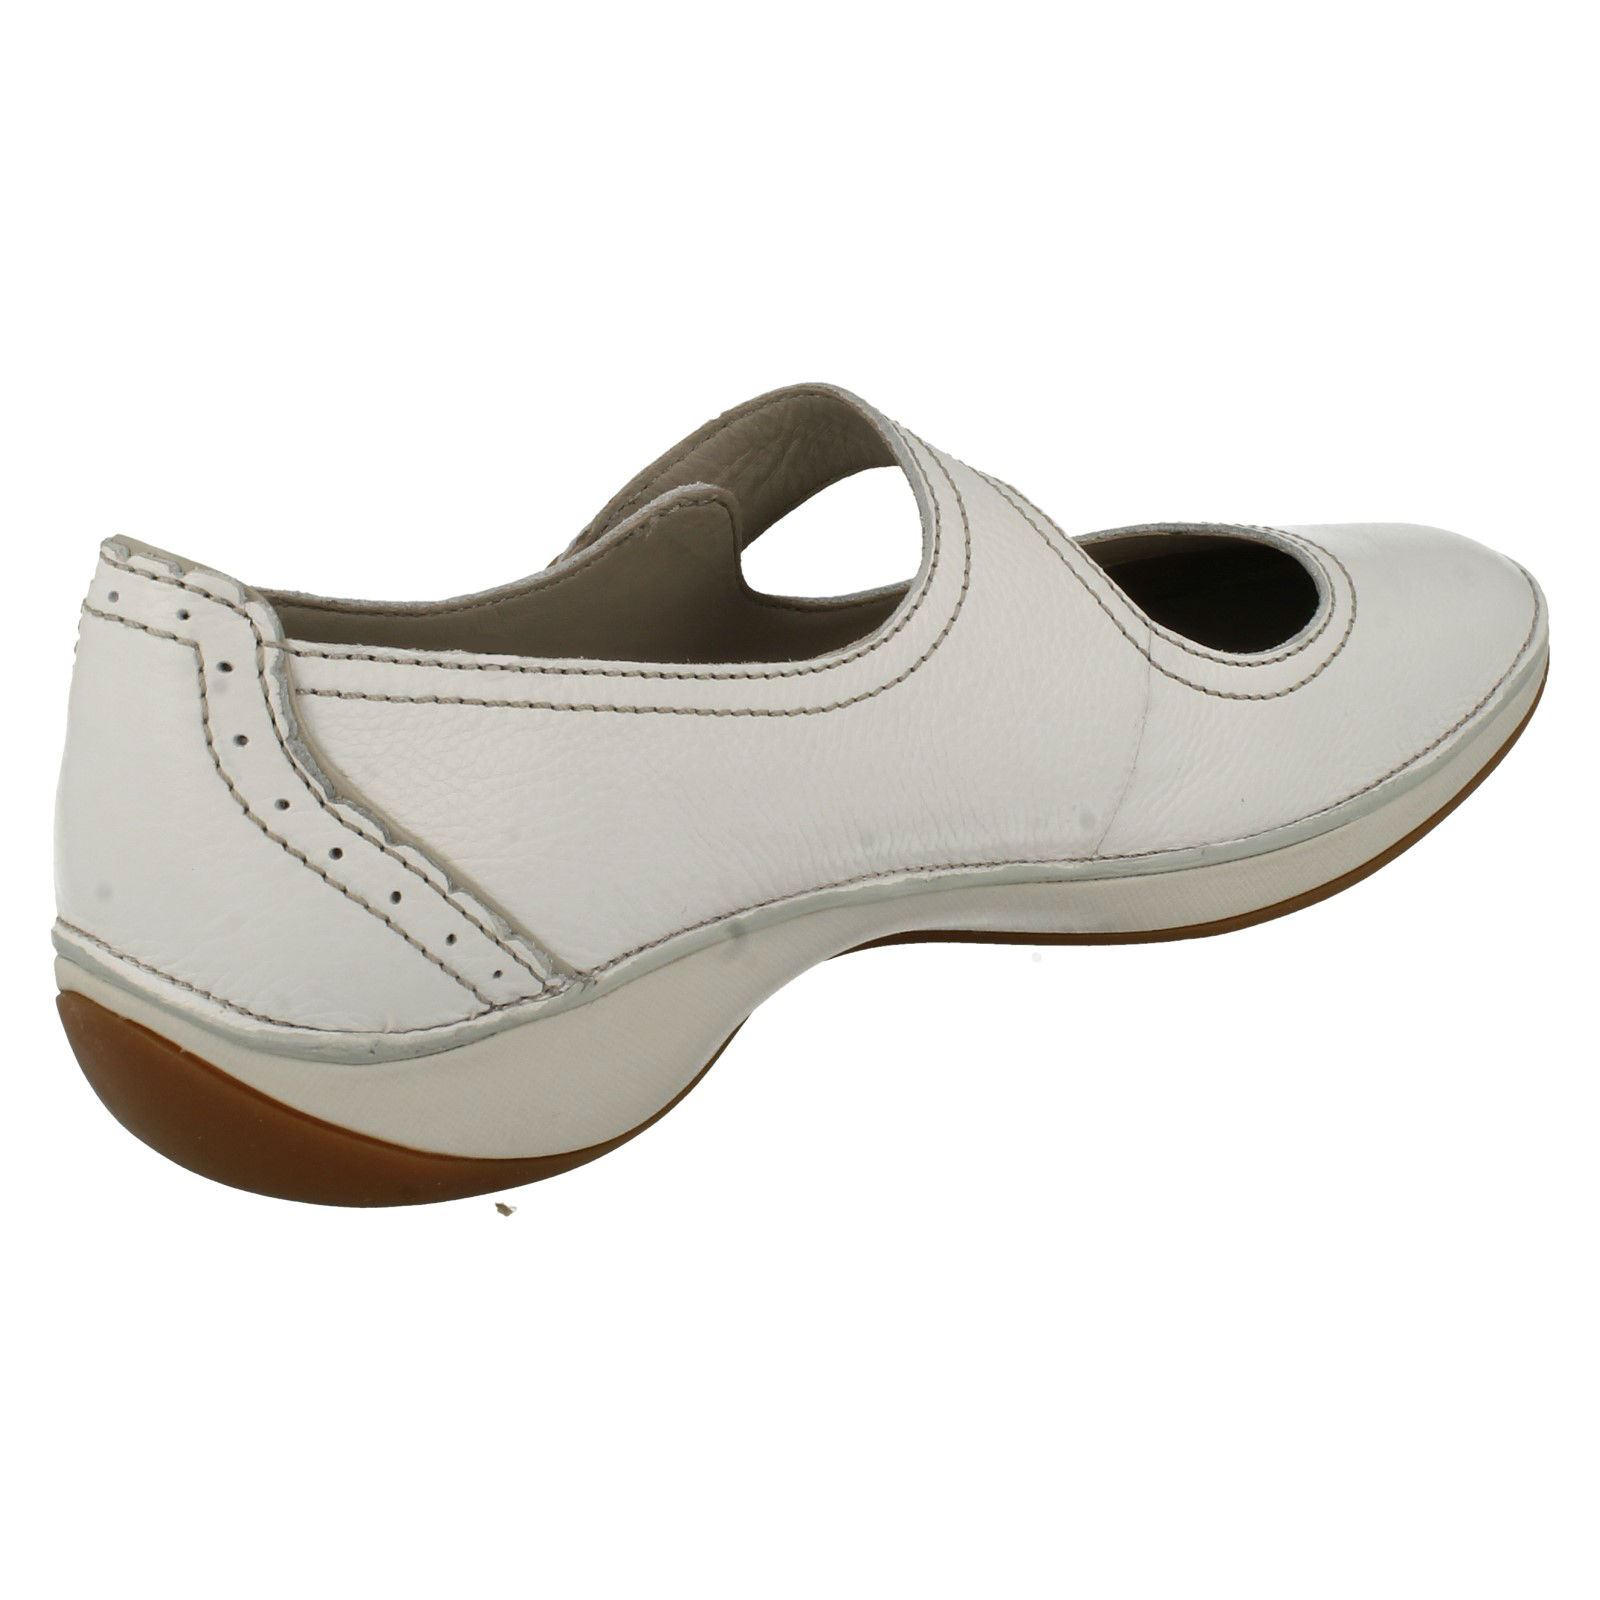 Clarks Cream Ladies Shoe